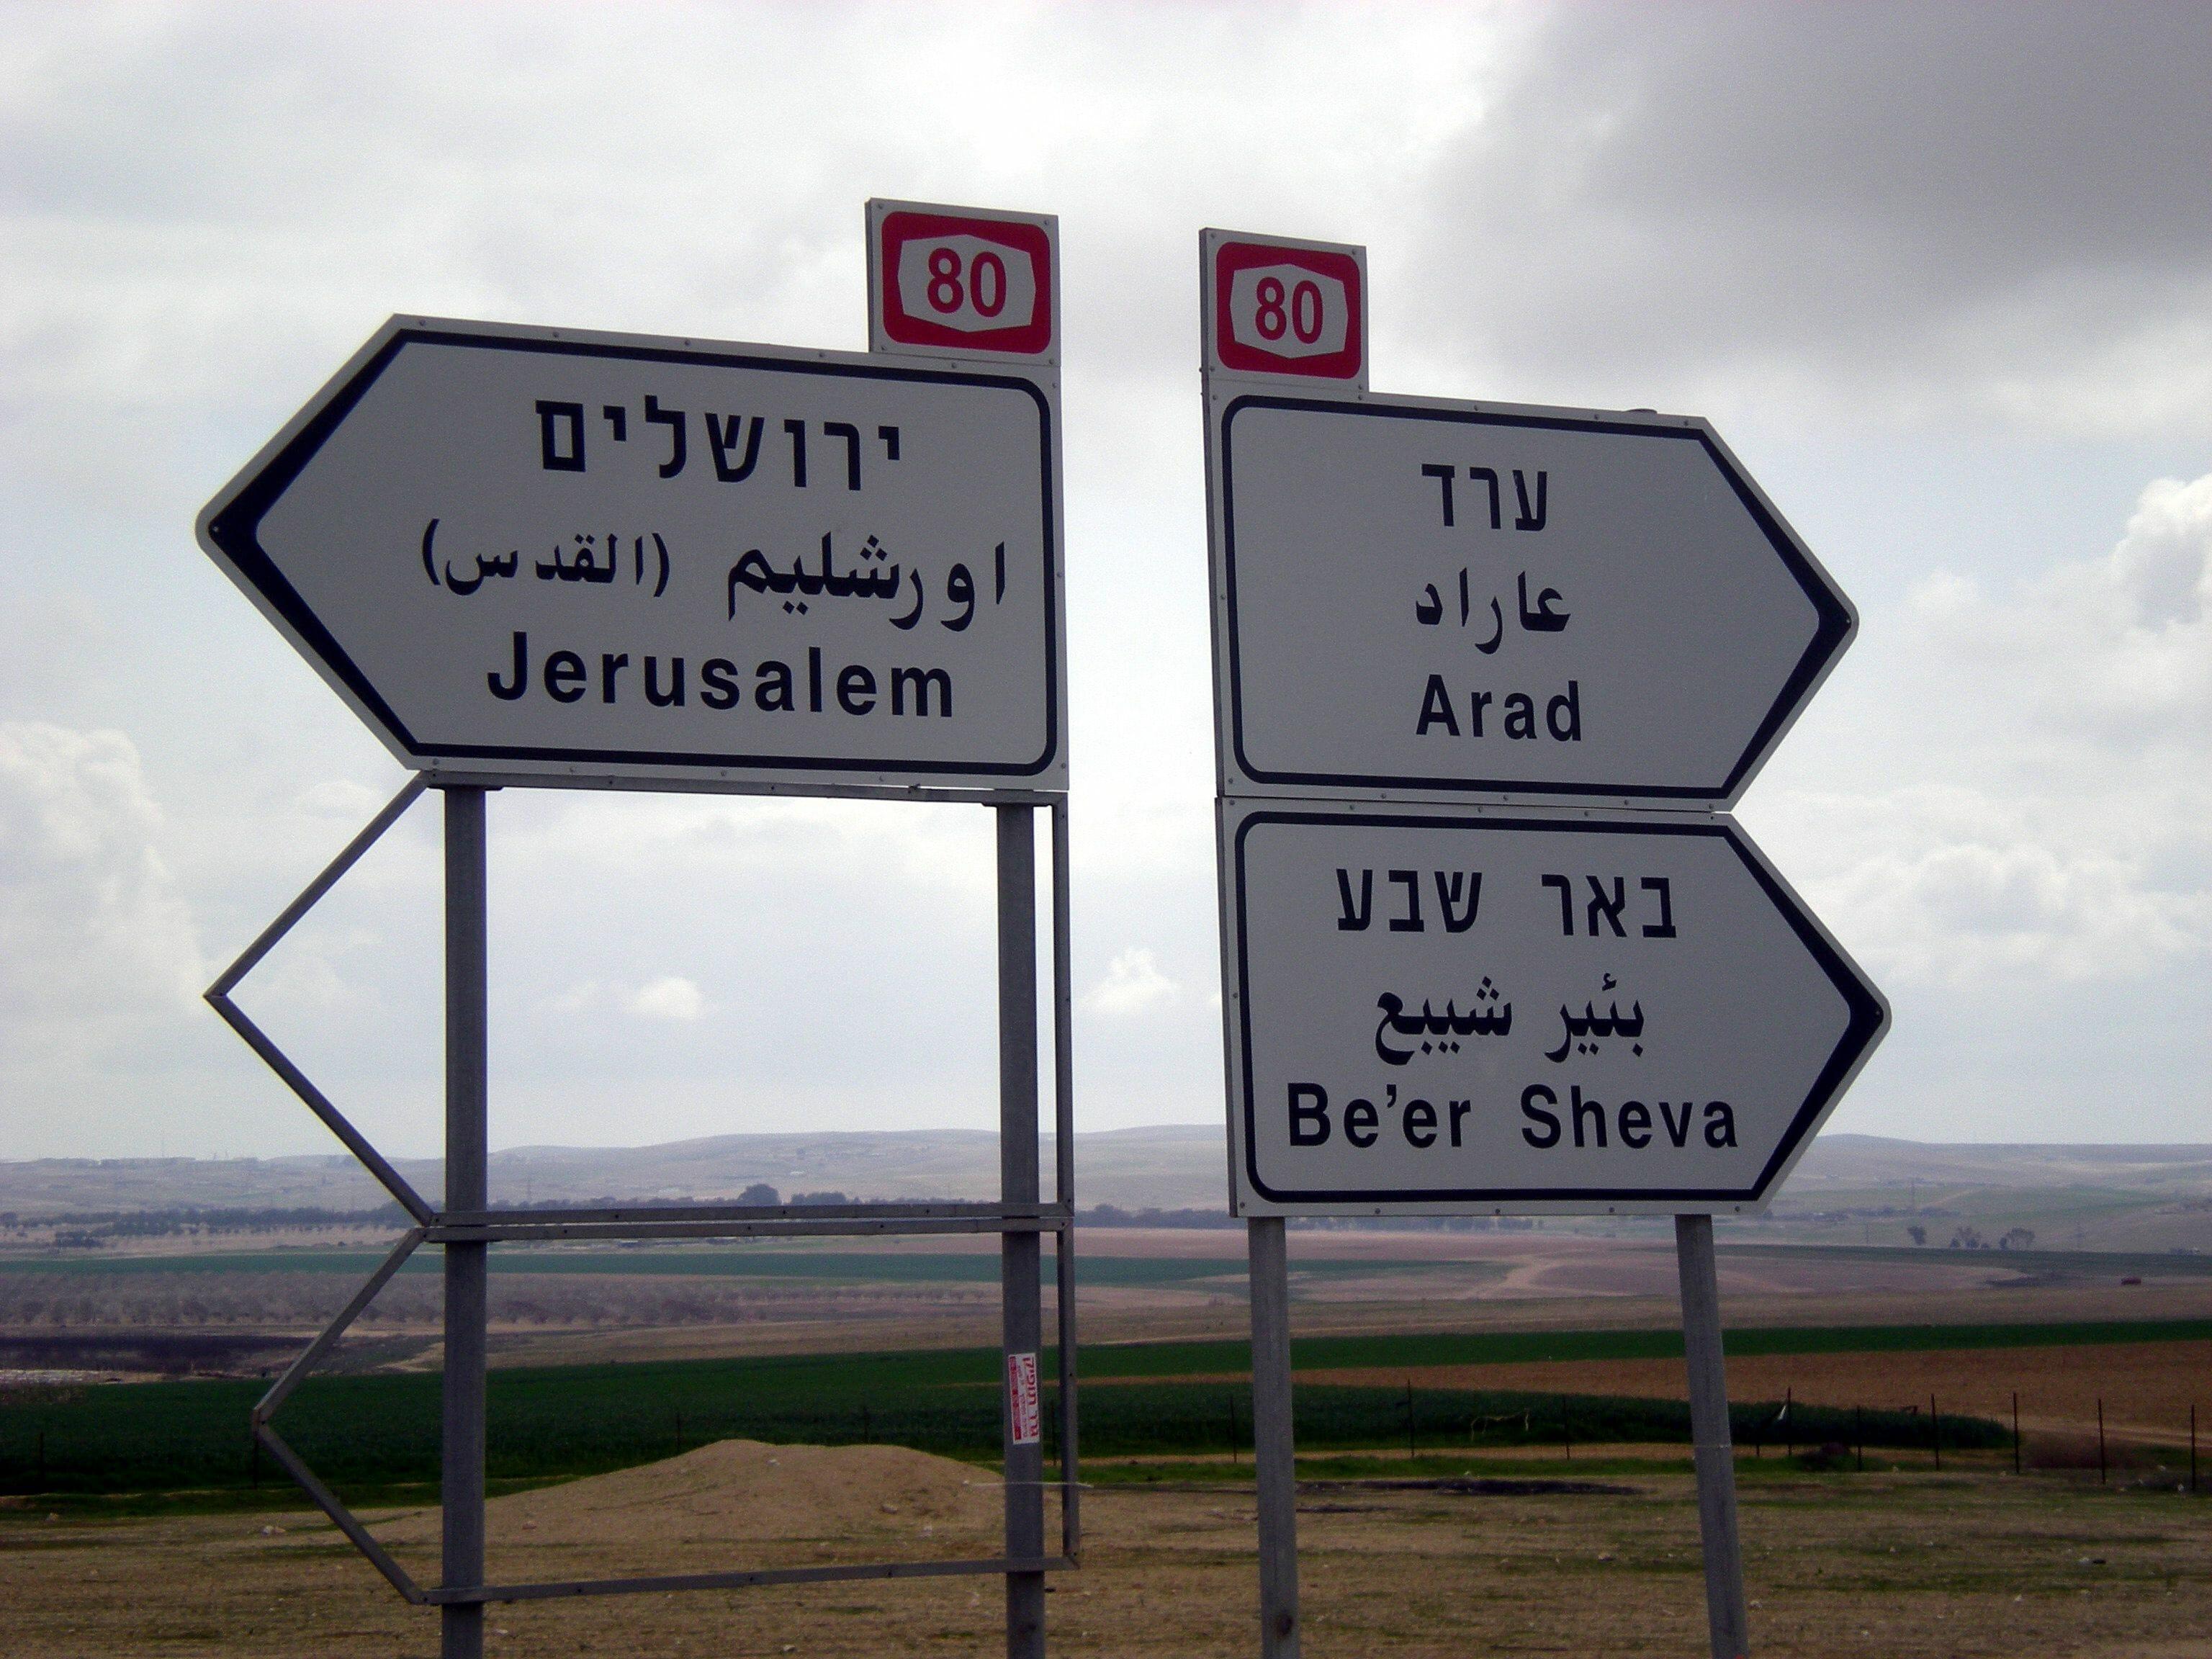 Unnötige Aufregung über ein israelisches Gesetz, das nichts ändert